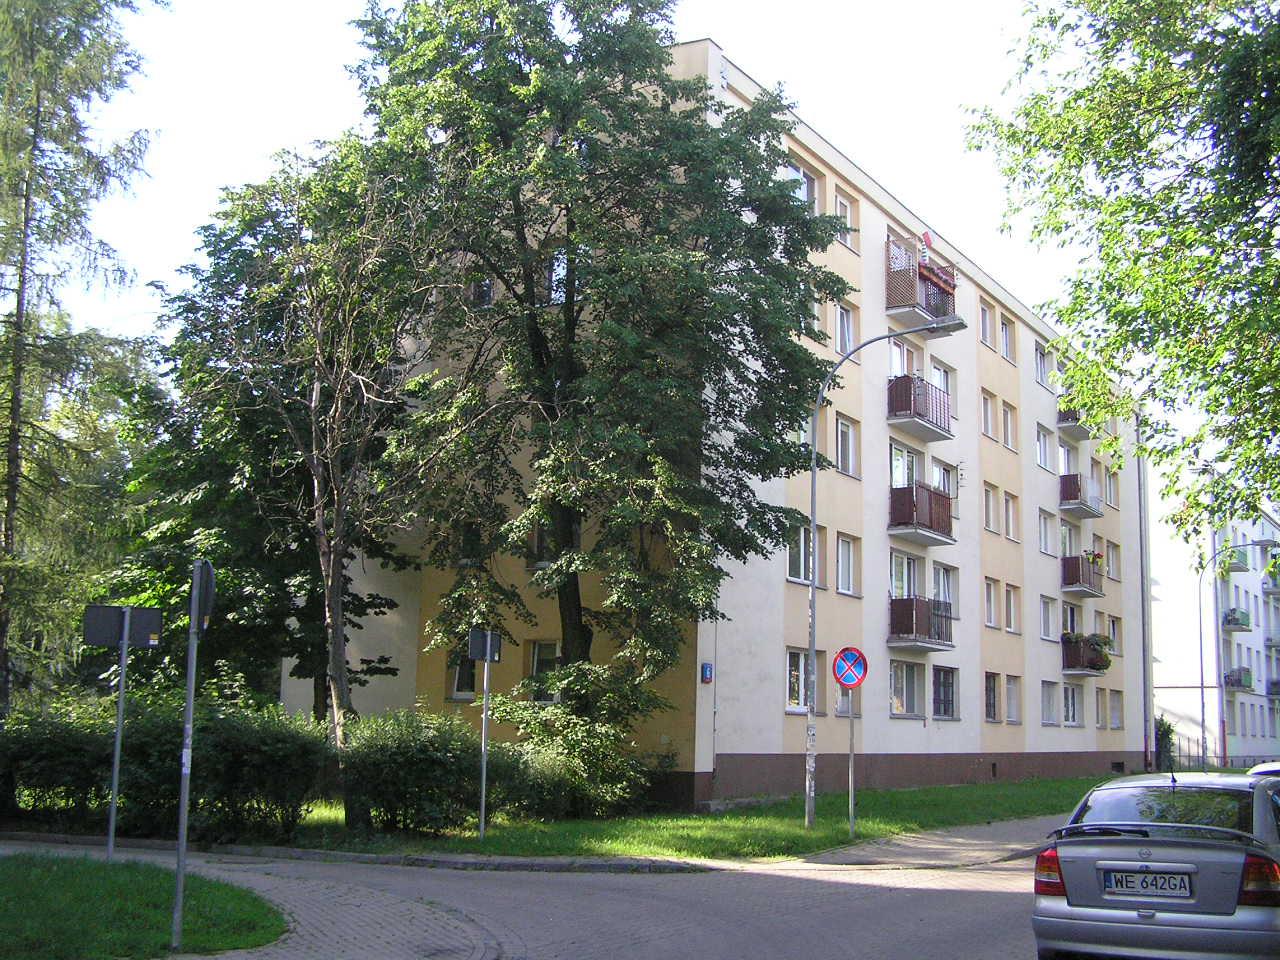 Budynek przy ulicy Daszowskiej 6 na Grochowie